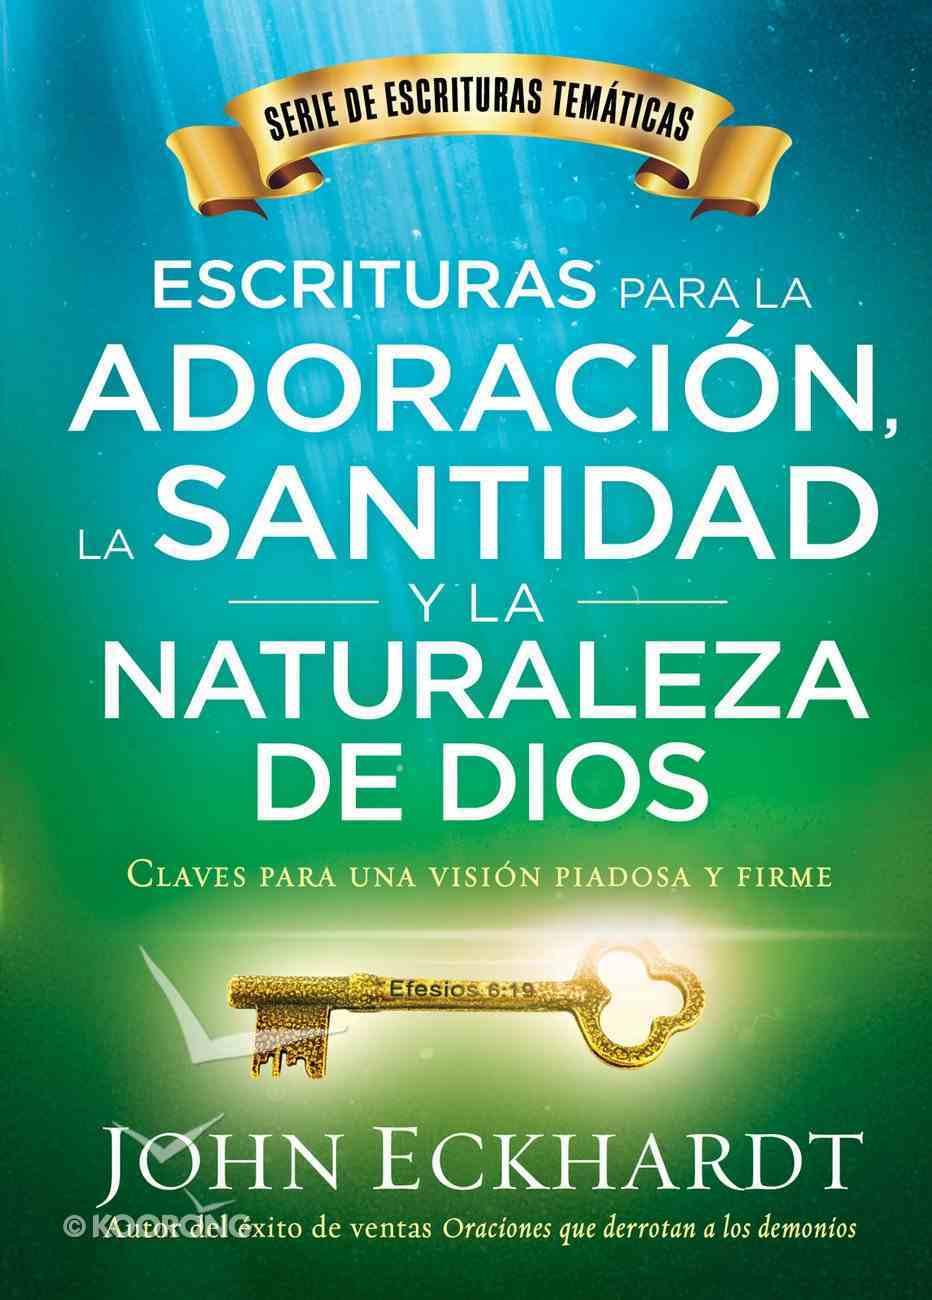 Escrituras Para La Adoracin, La Santidad Y La Naturaleza De Dios/Scriptures For Worship, Holiness, and the Nature of God eBook